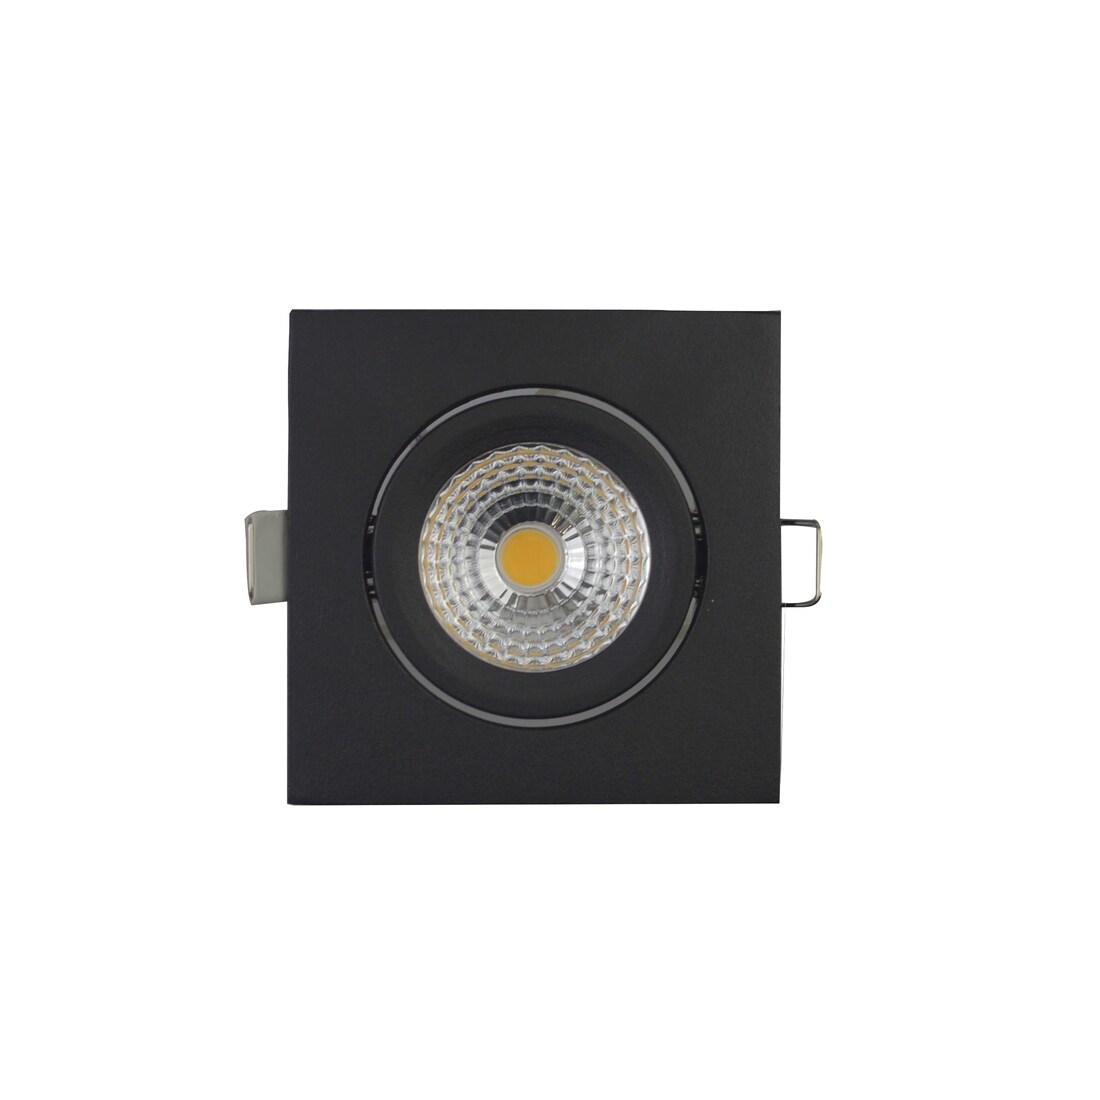 EM Electronics waterdichte inbouwspot dimbaar vierkant kantelbaar zwart - compleet met lamp en driver - IP54